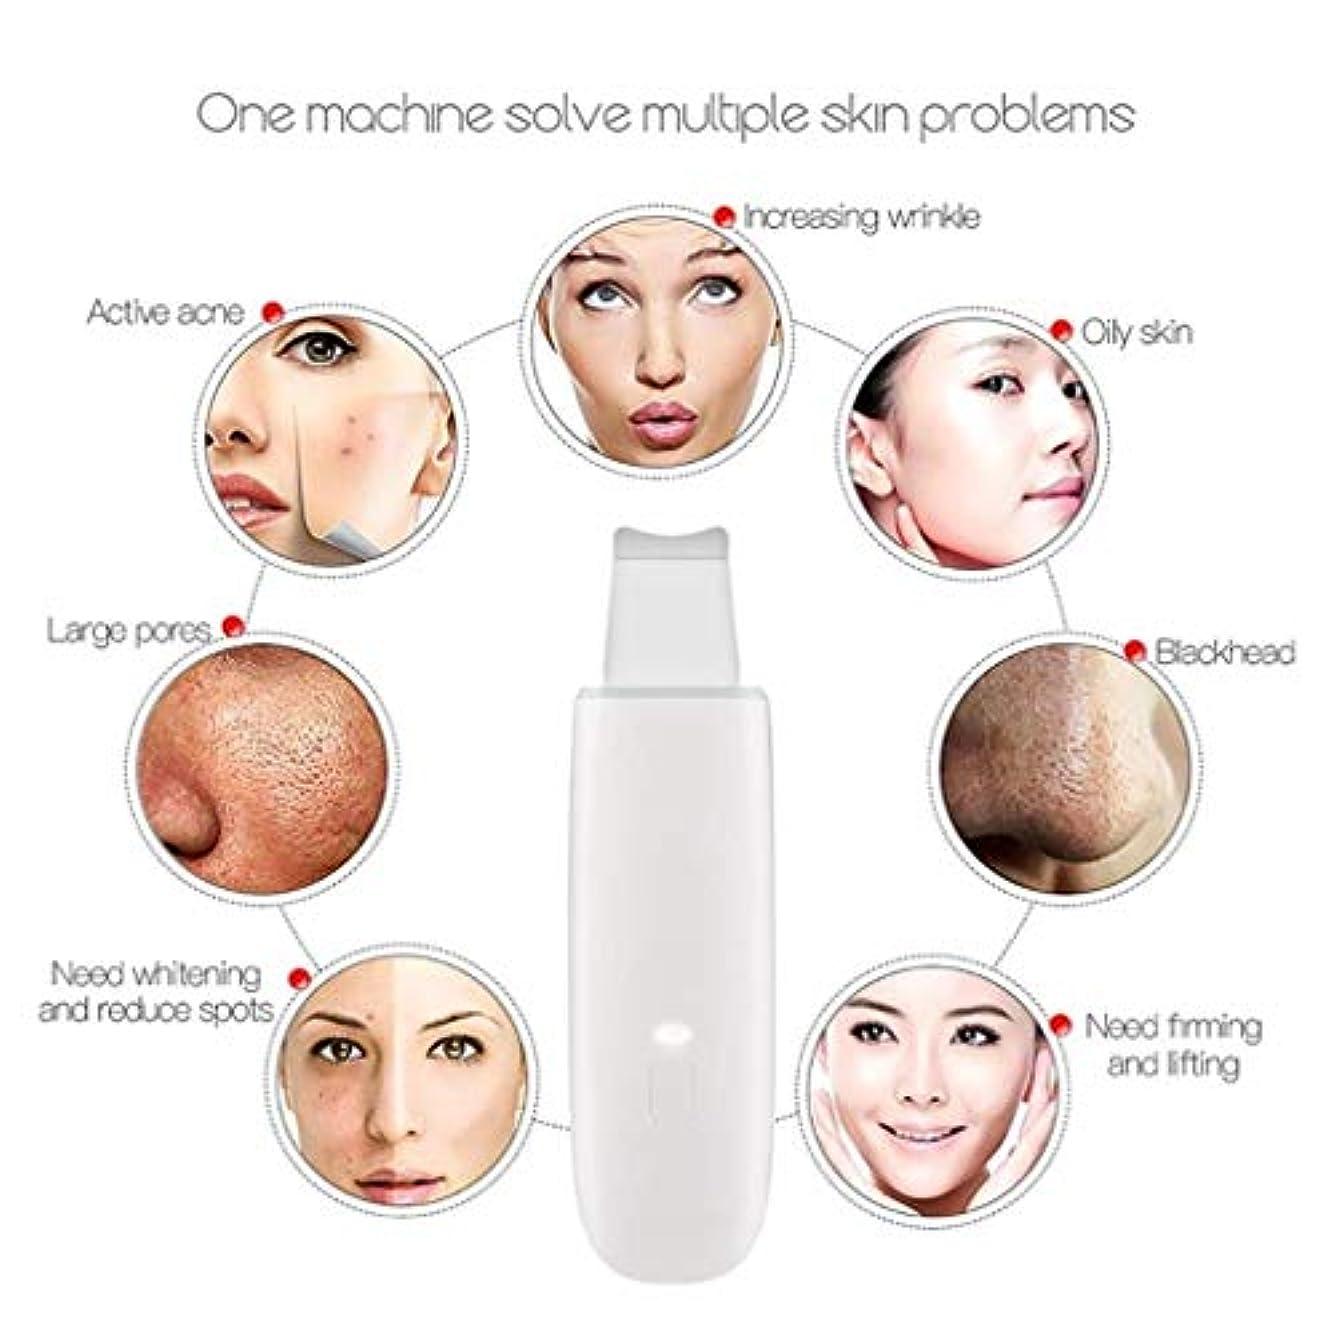 ヒステリック小間地味な顔の美のマッサージャー、顔のマッサージャー、微結晶の顔の修理の深いクリーニングの美装置、超音波顔持ち上がるマッサージャー